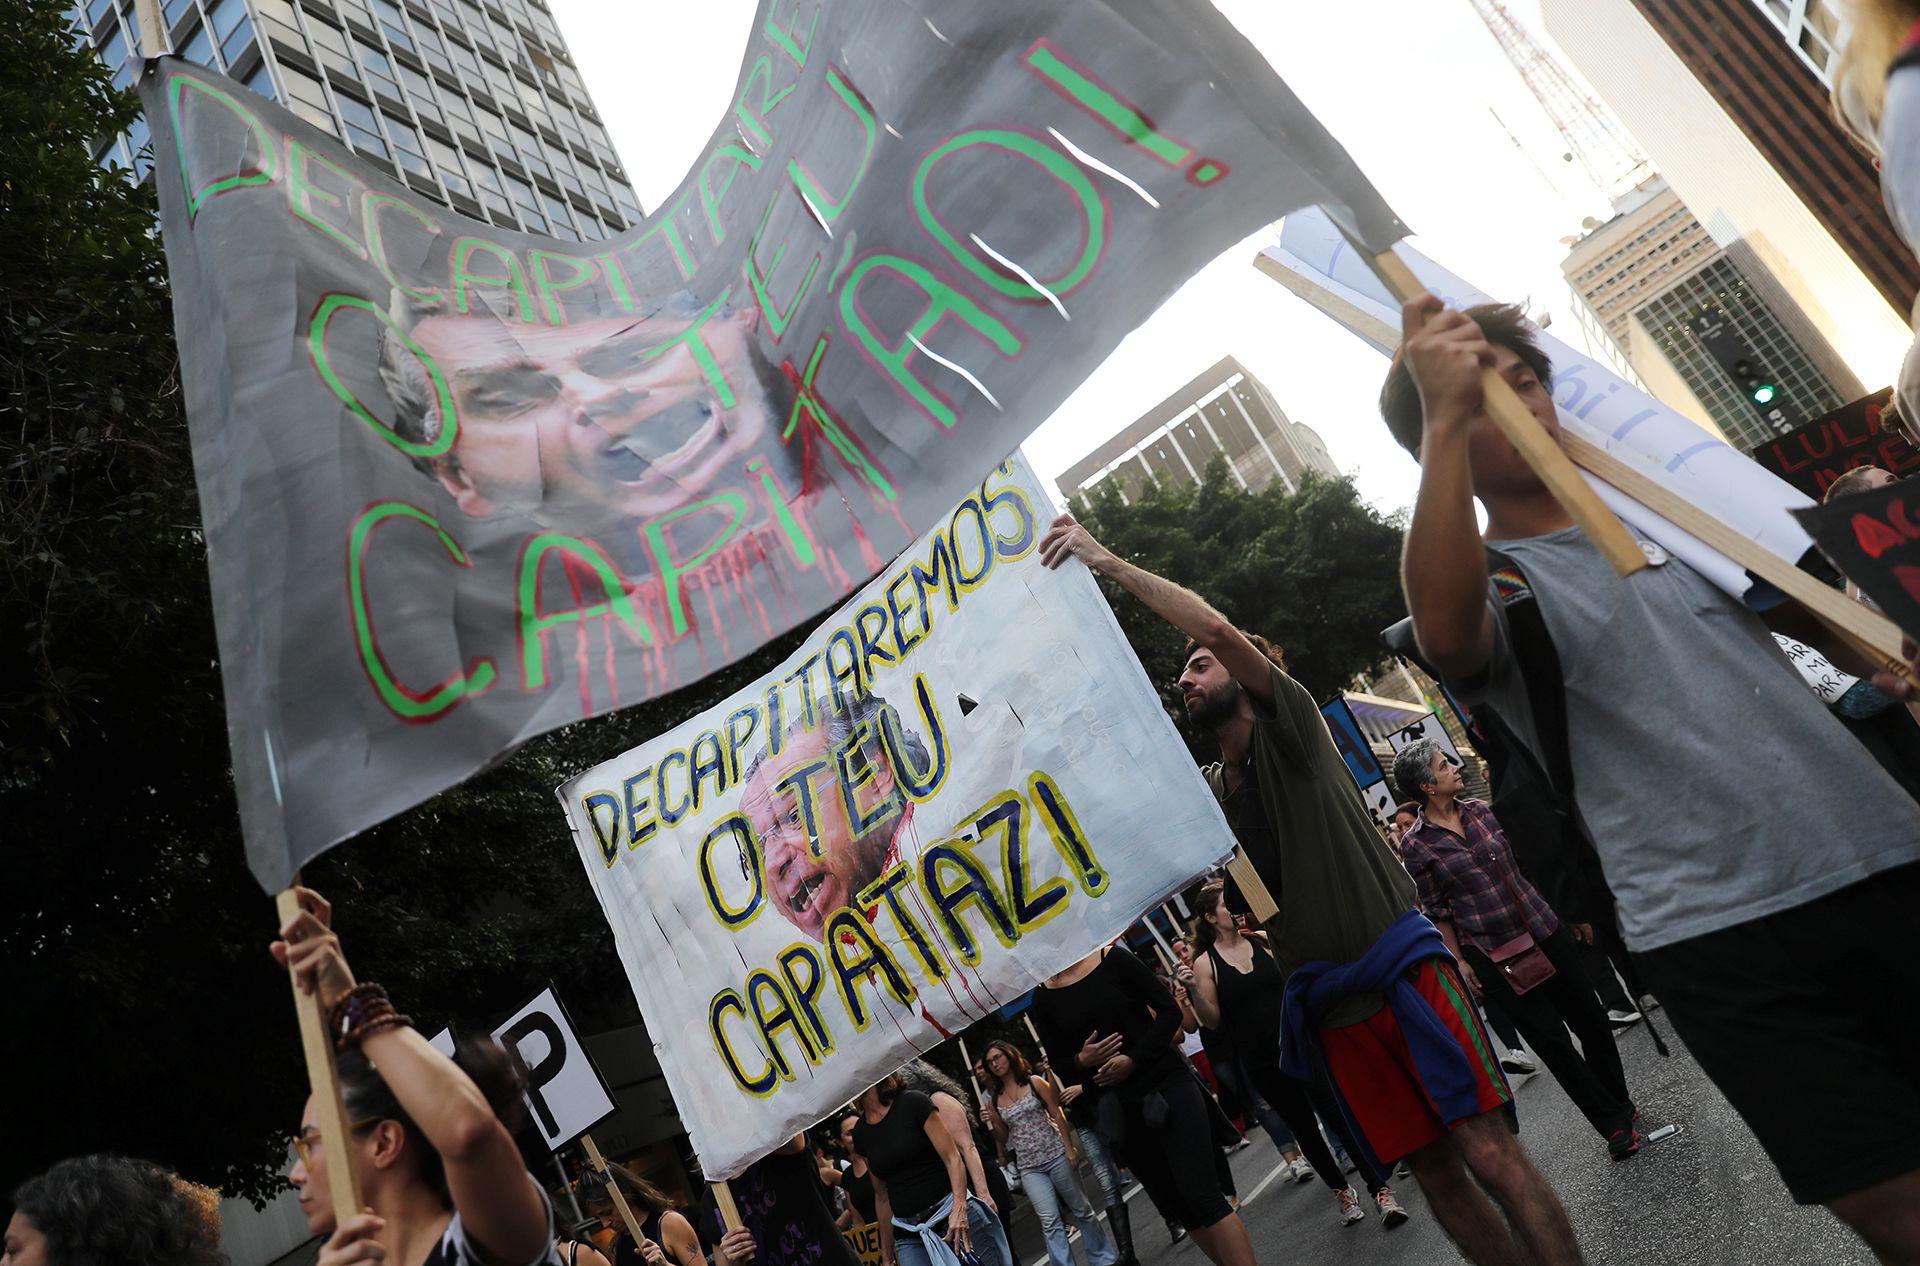 Manifestantes marcharon contra Bolsonaro en el contexto de la primera huelga general durante su gobierno. (REUTERS/Nacho Doce)